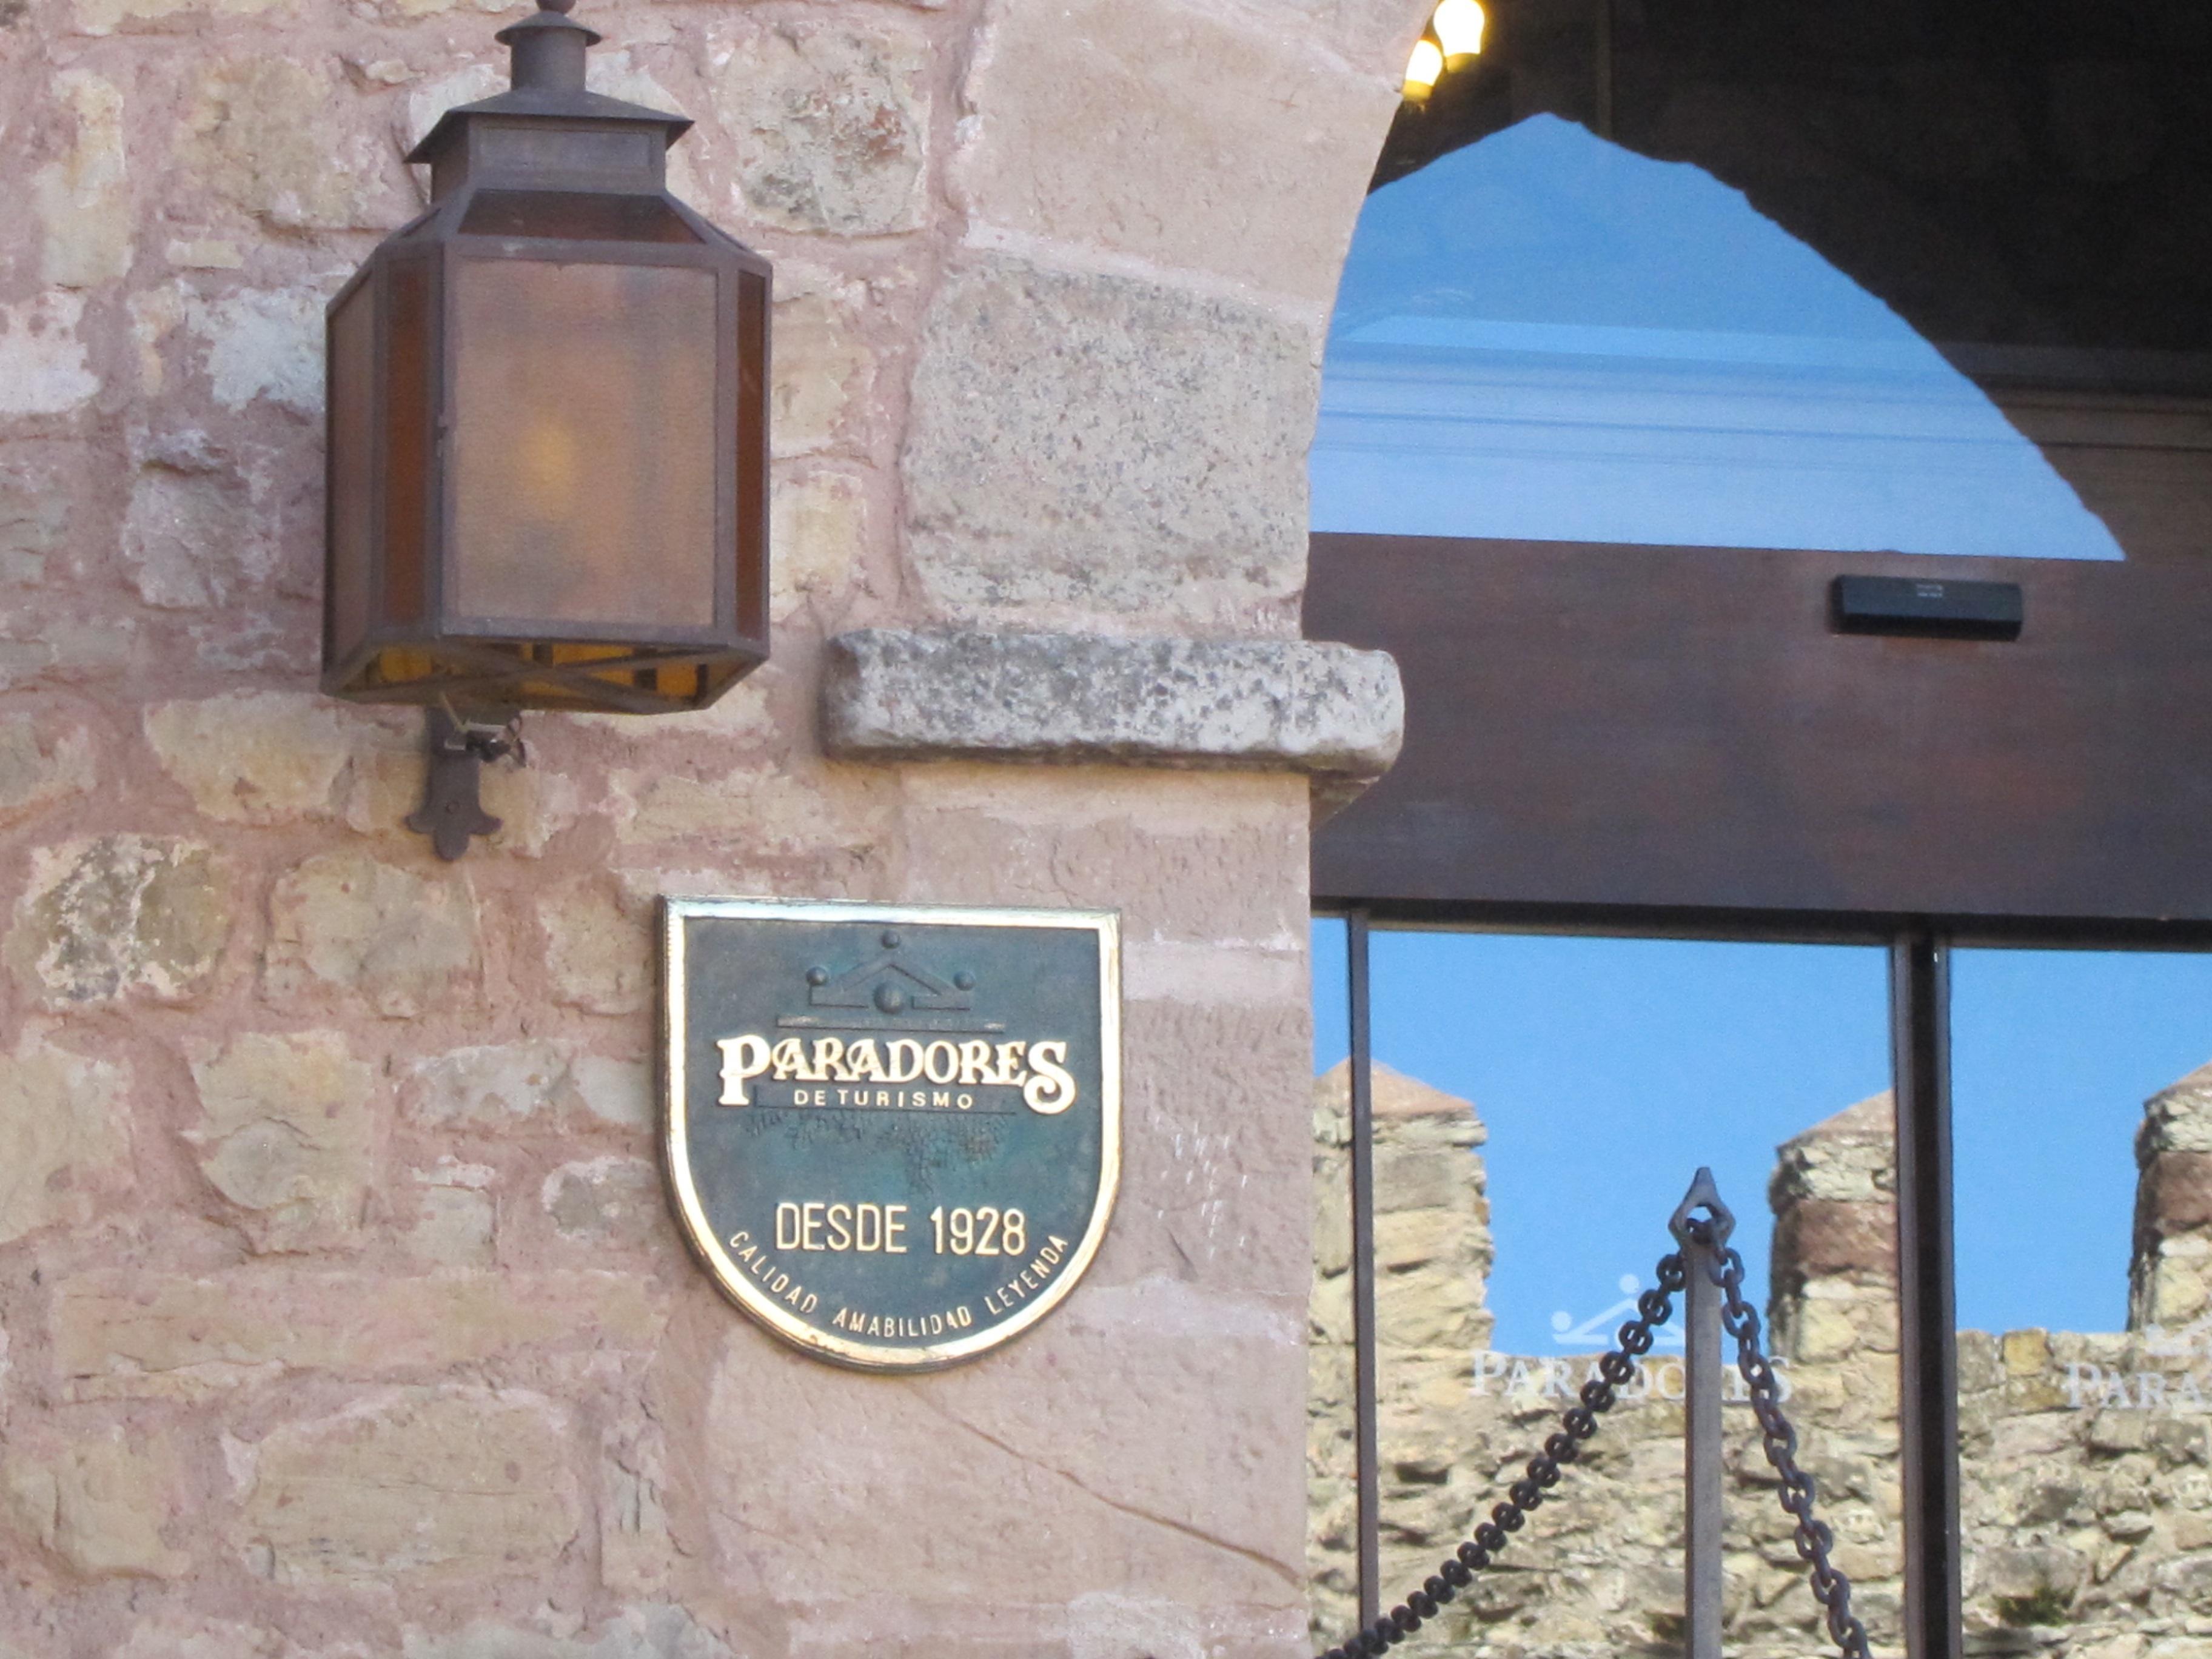 Paradores reabrirá este sábado ocho establecimientos tras su cierre por vacaciones